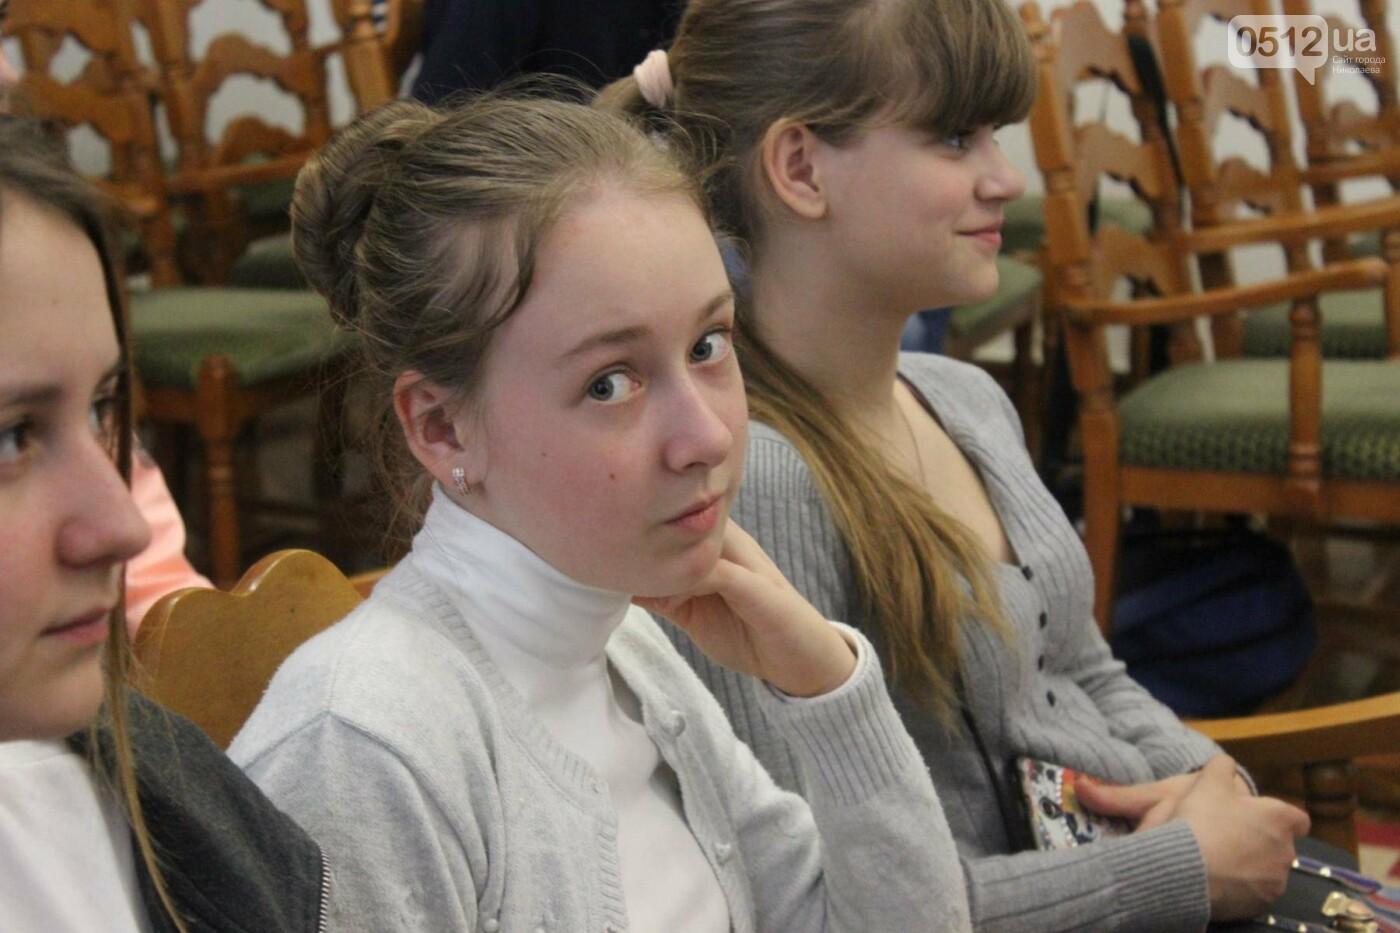 В Николаевском художественном музее рассказали, как подделывать картины, - ФОТО, фото-6